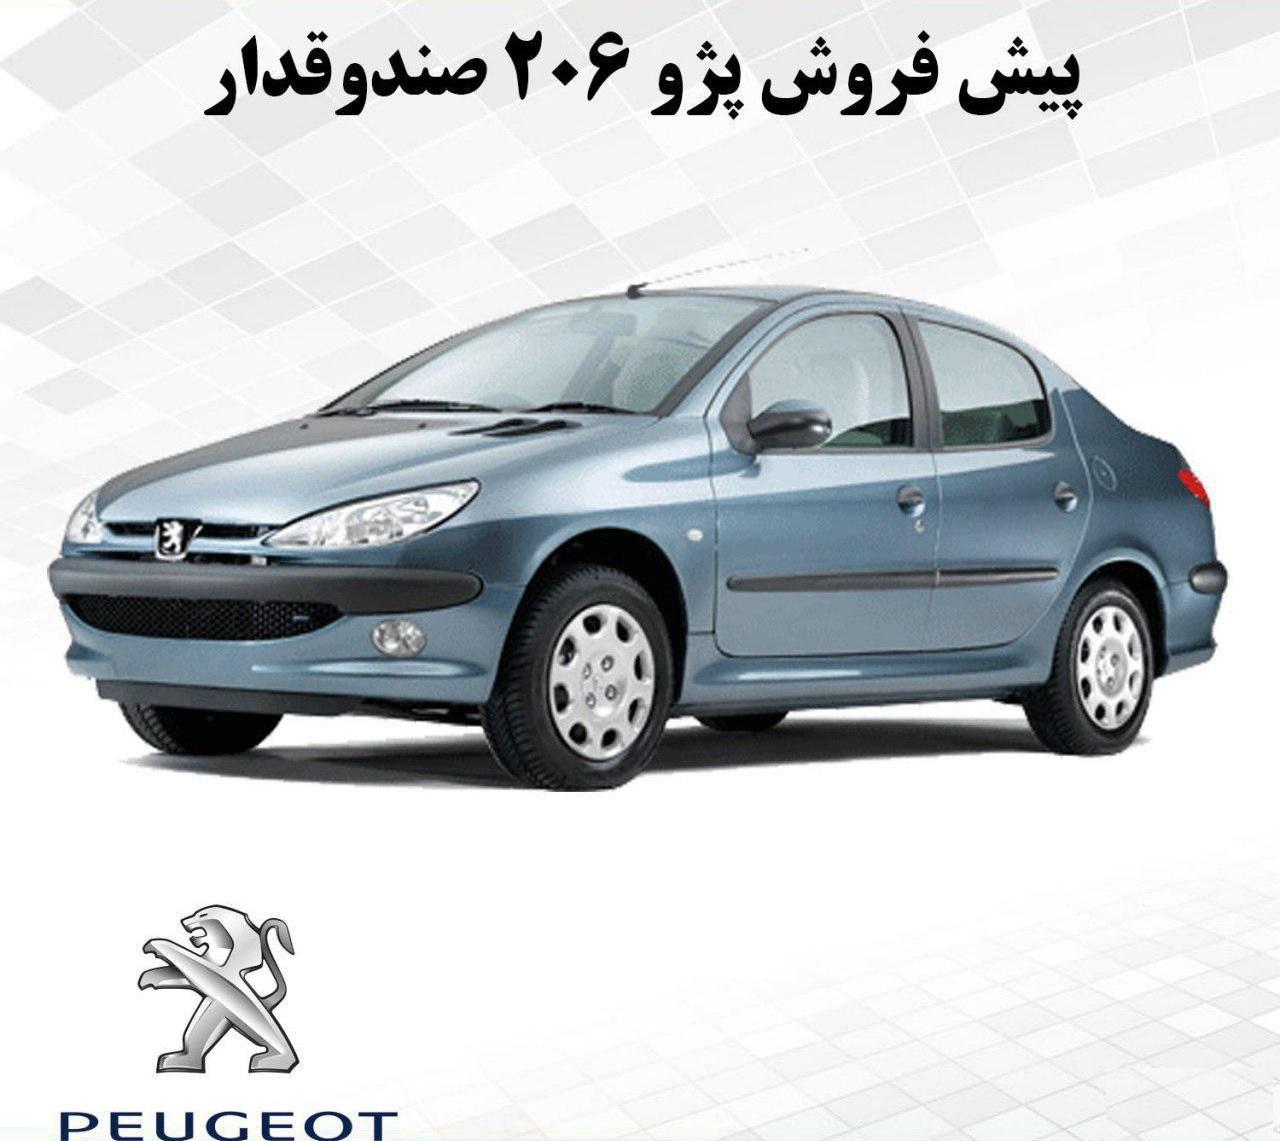 پیش فروش پژو 206 صندوقدار ویژه اسفند 96 آغاز شد